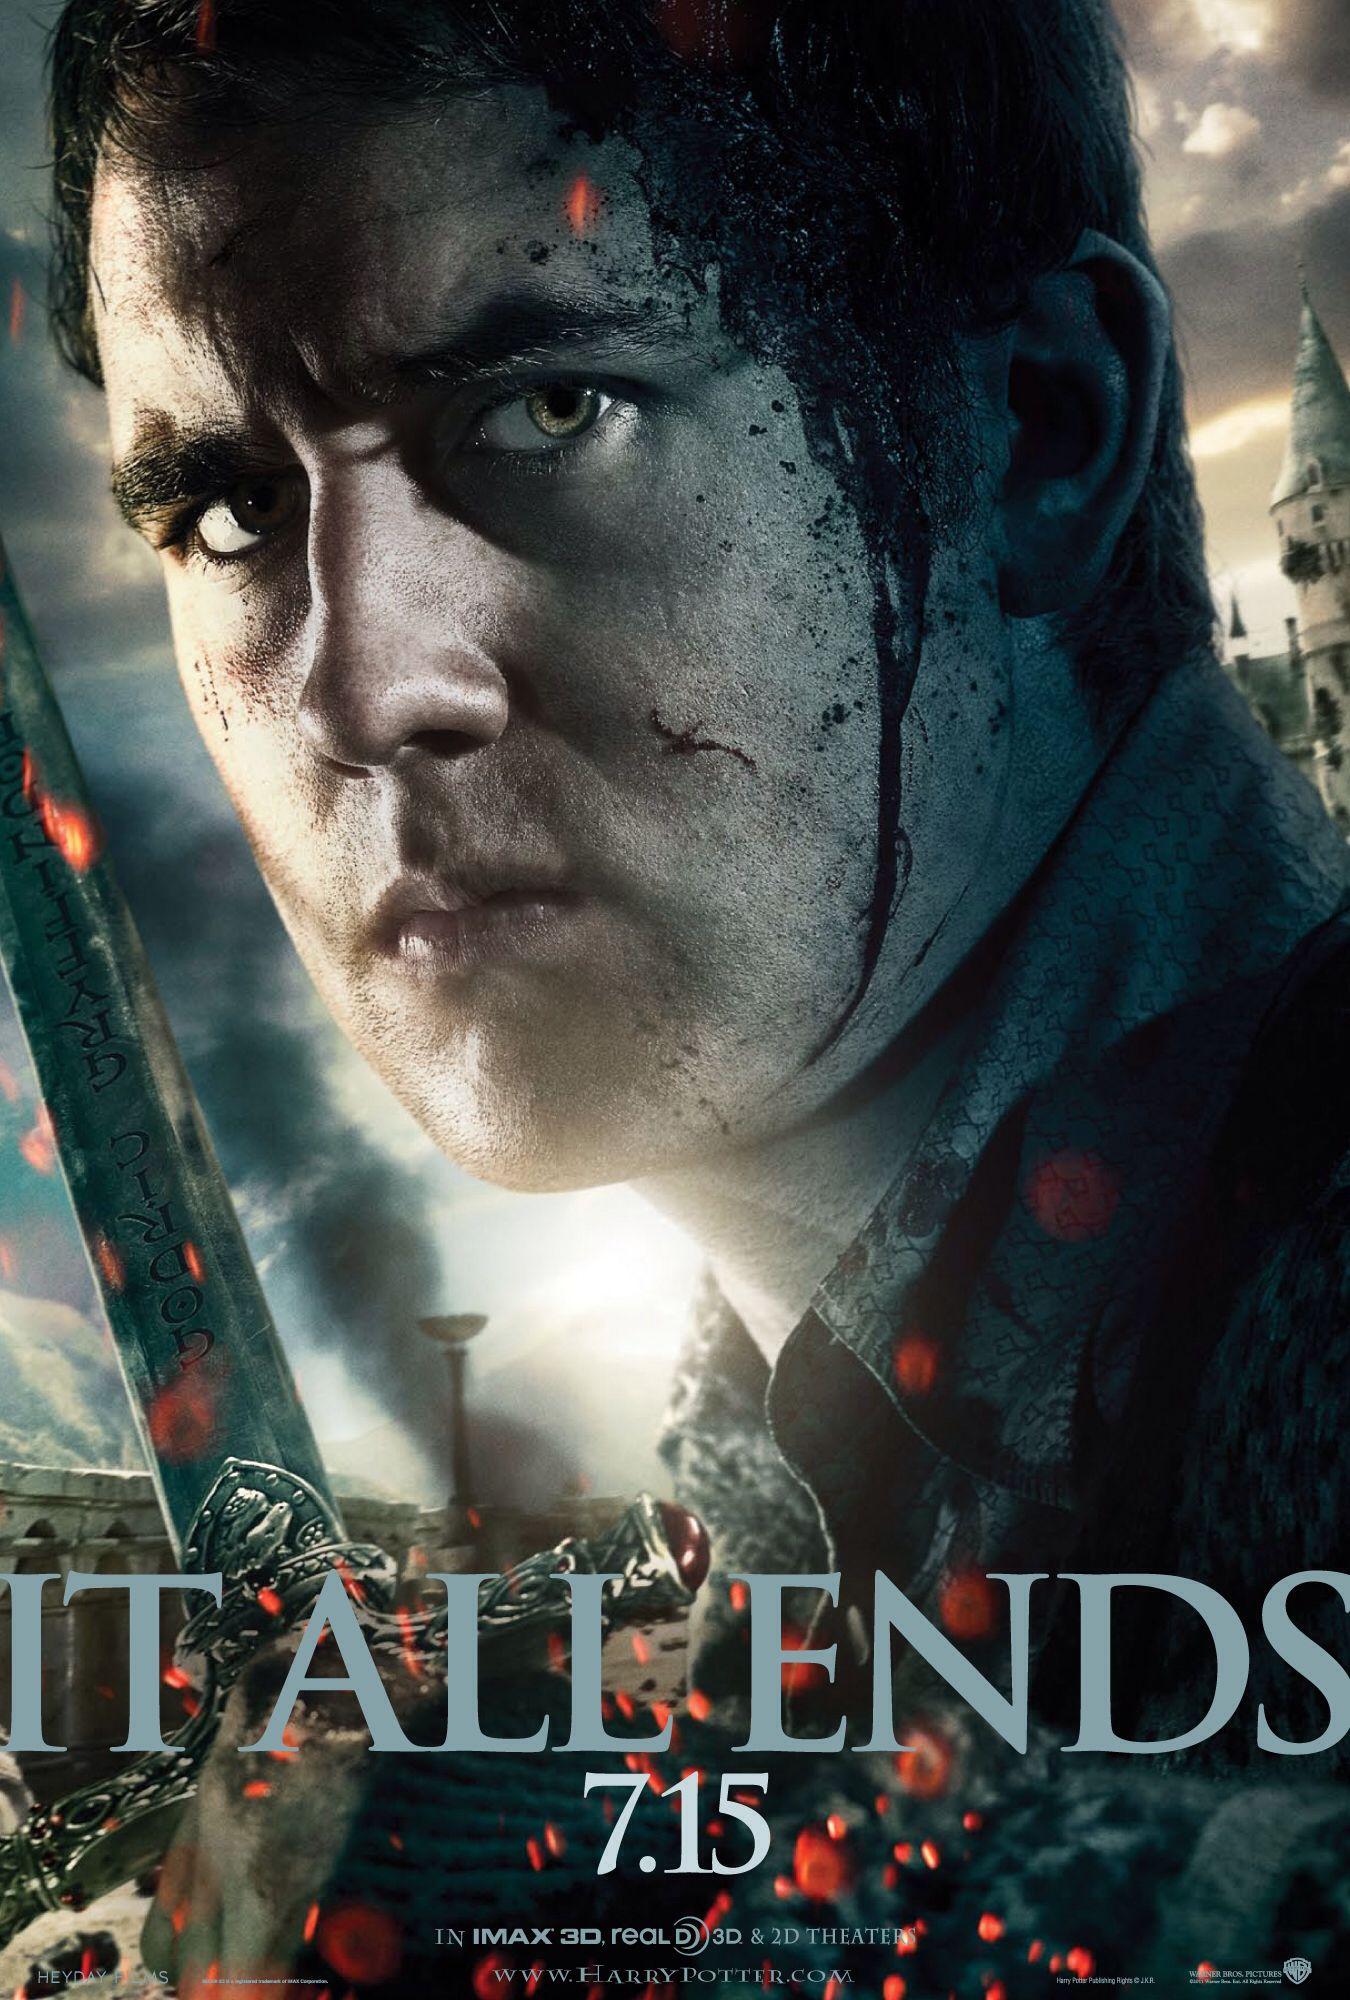 Imagen de http://cdn.collider.com/wp-content/uploads/harry-potter-deathly-hallows-2-neville-poster-01.jpg.